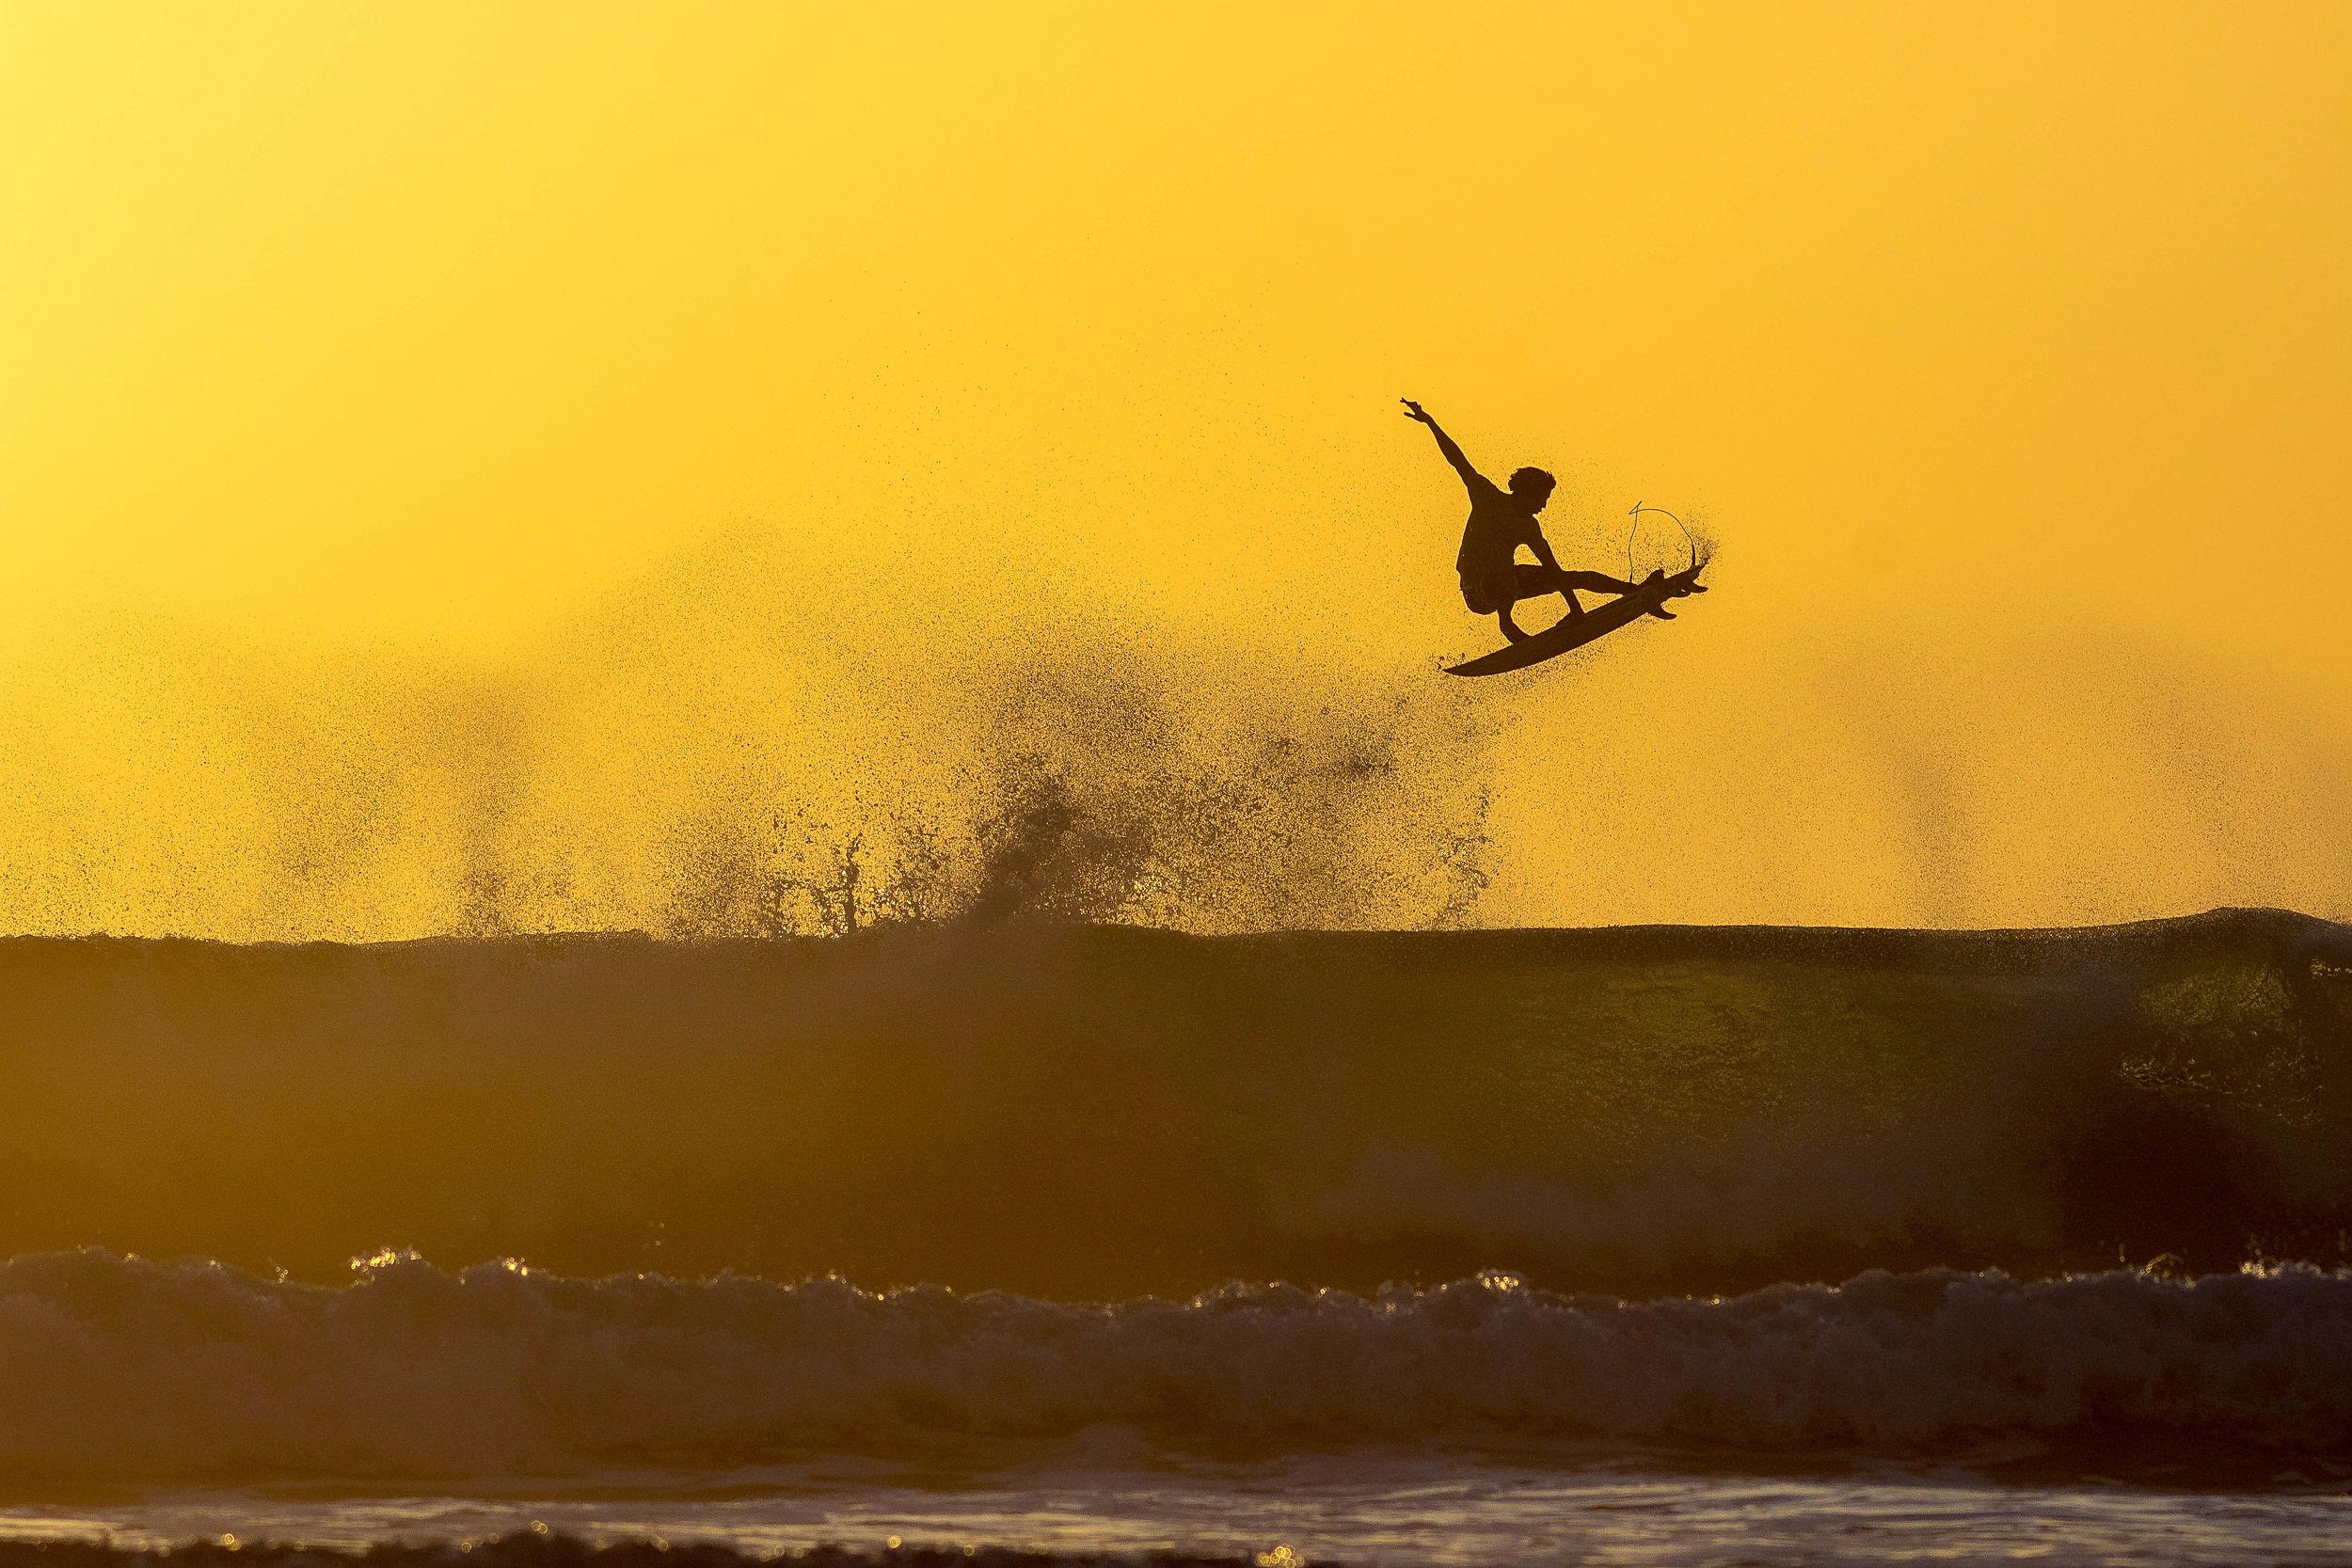 Yago Dora - decolando aqui no Hawaii -elegeu seu aerialistas preferidos. Foto Henrique Pinguim